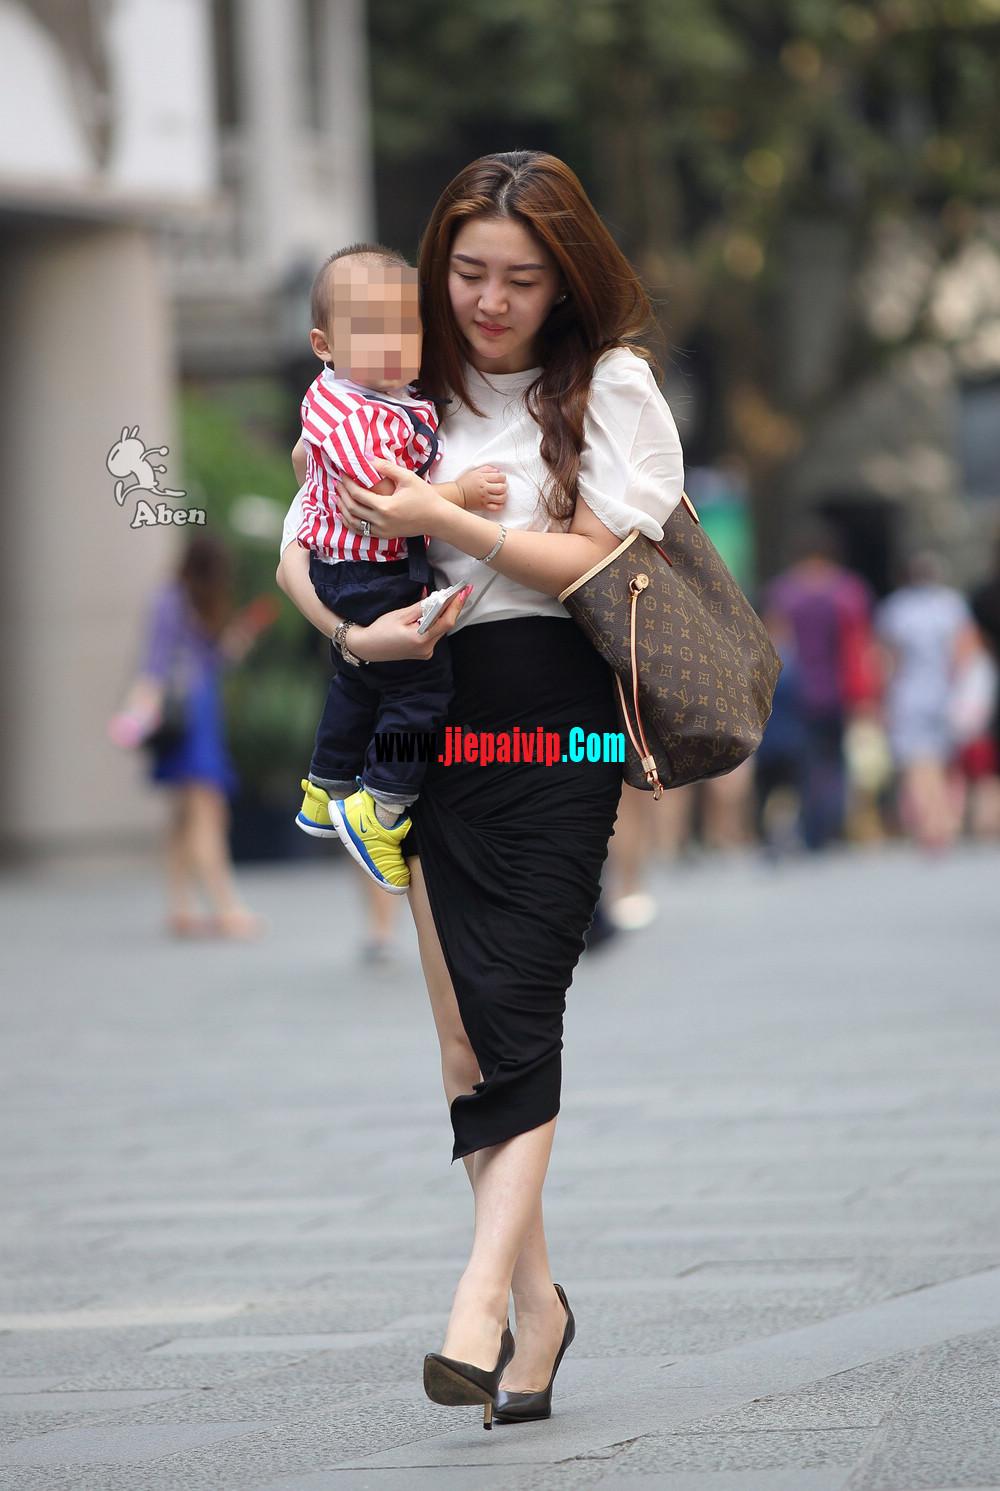 生了小孩的少妇最有魅力,美臀黑裙美腿高跟少妇9